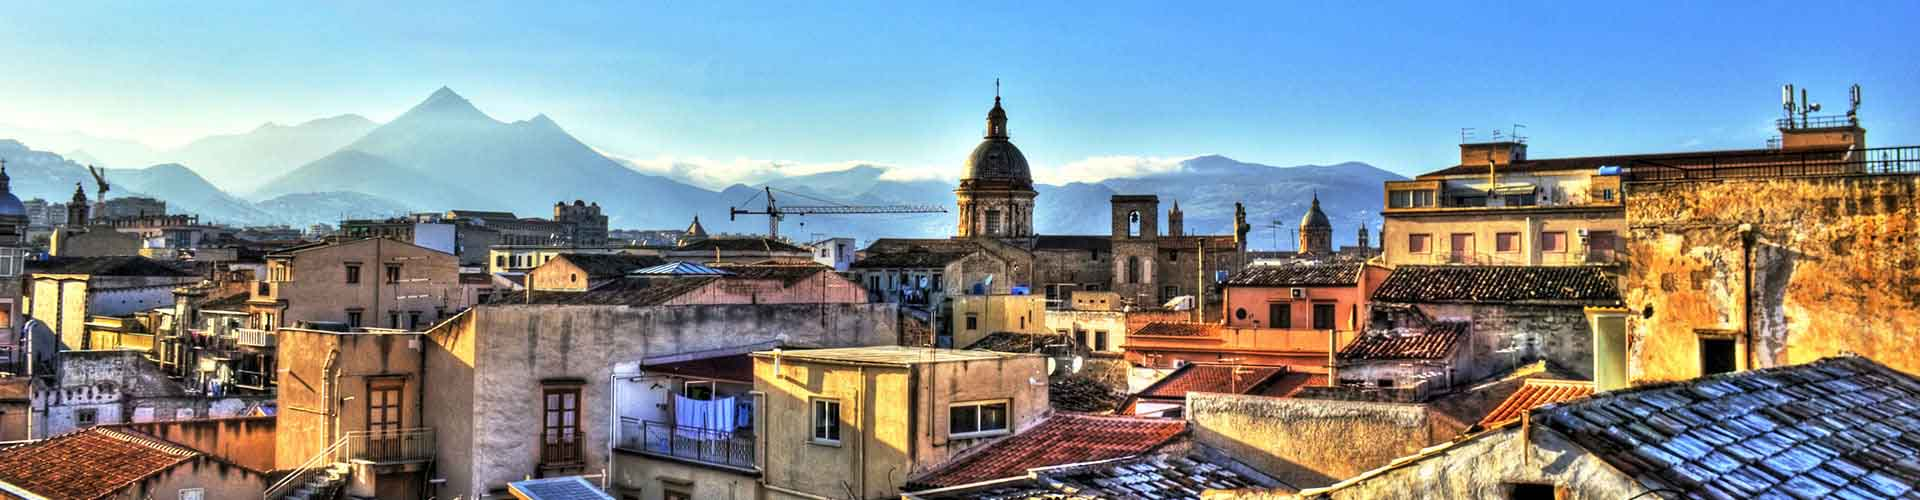 Palermo – Hostellit kaupungiosassa Zisa. Palermo -karttoja, valokuvia ja arvosteluja kaikista Palermo -hostelleista.